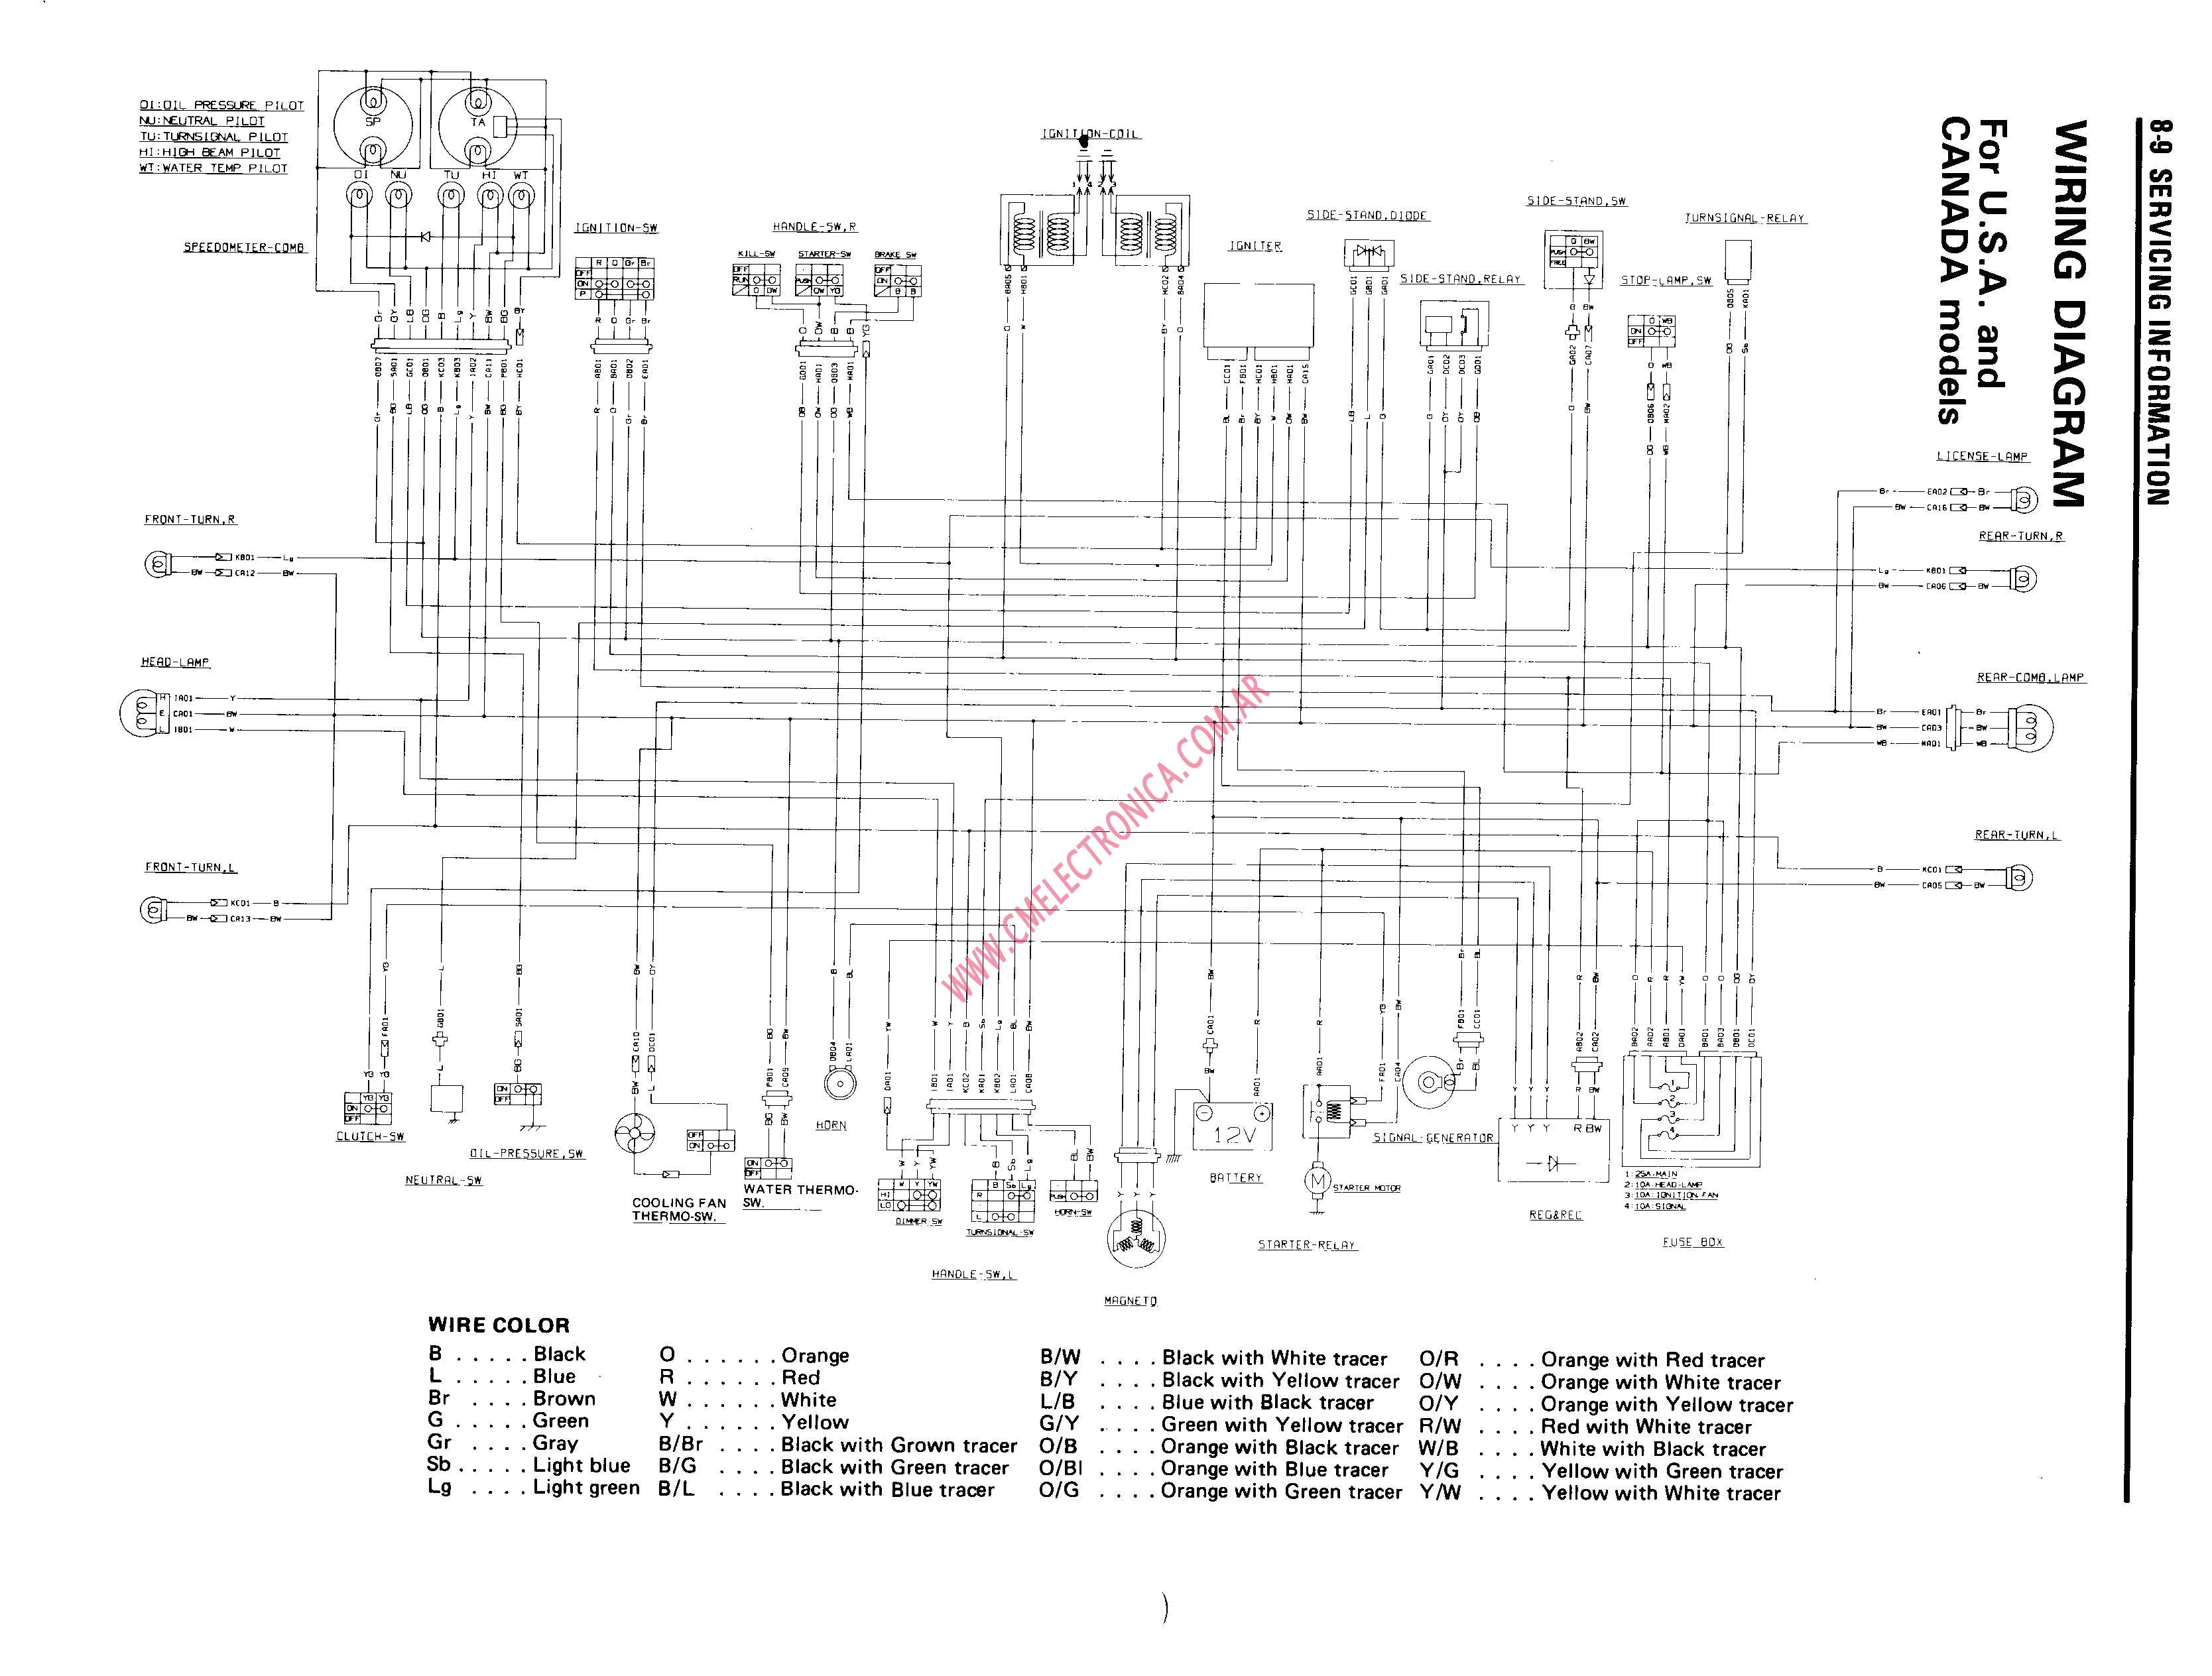 wiring diagram for yamaha big bear 400 wiring diagrams favorites 200 topkick headlight switch wiring diagram